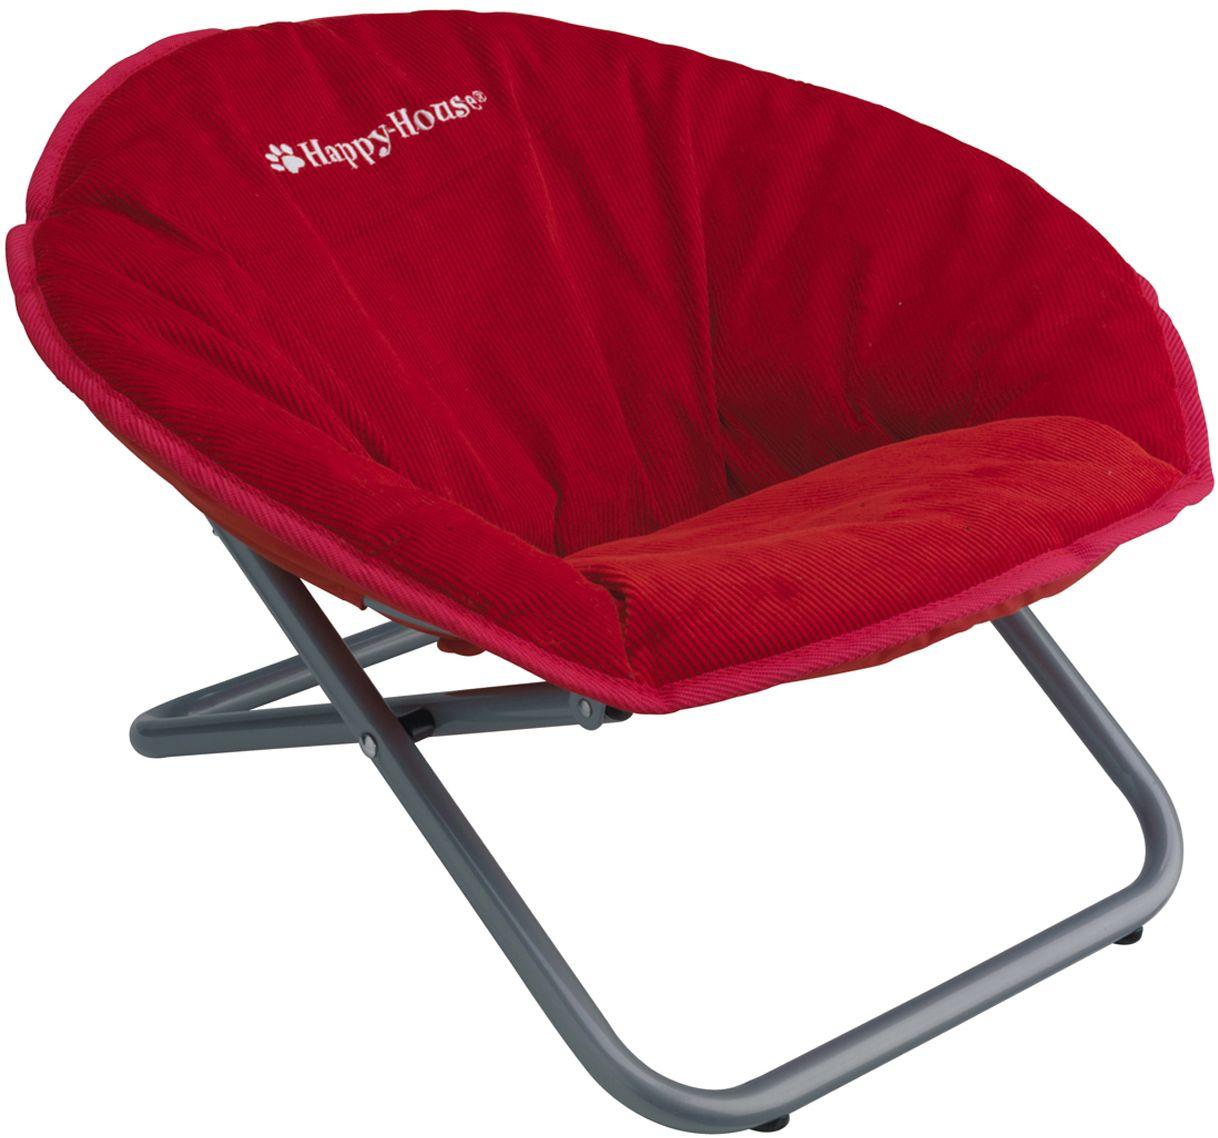 Стул для животных Happy House New Classic, цвет: красный, 55 х 51 х 36 см teak house стул buton